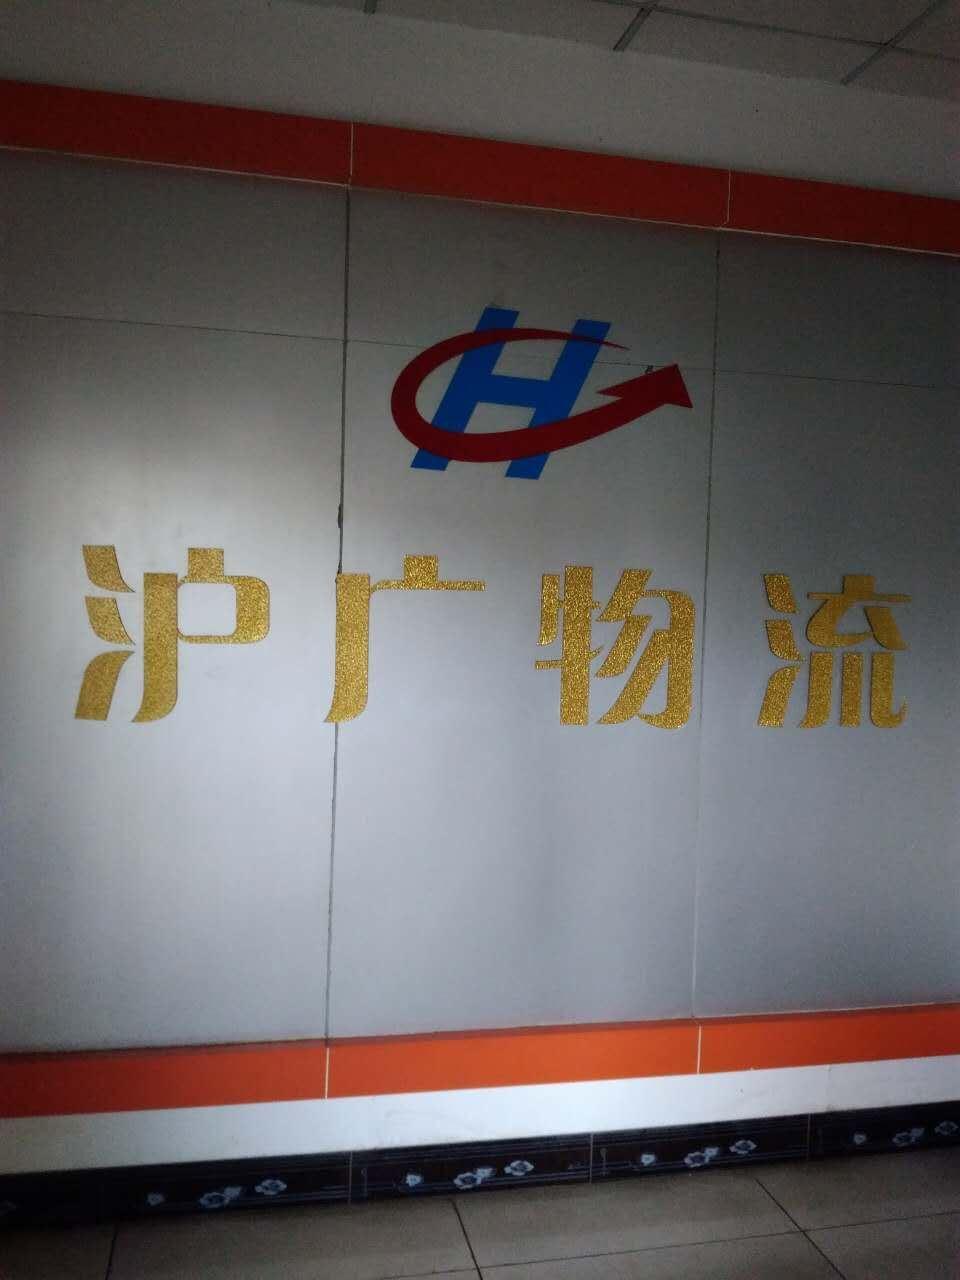 佛山到喀什物流专线(广州沪广物流有限公司佛山分公司)